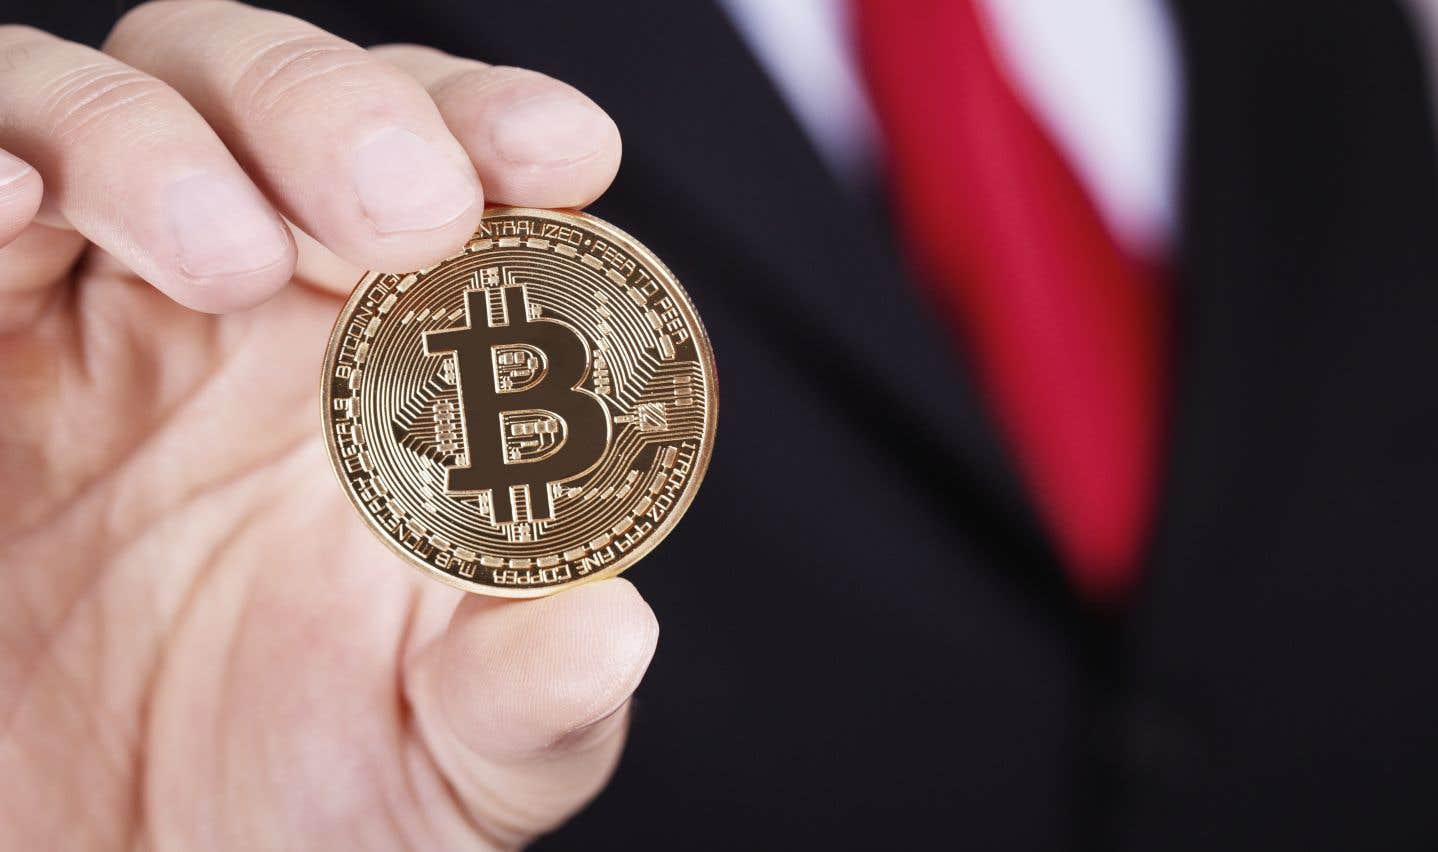 Les autorités américaines ont déjà fait plusieurs avertissements concernant l'extrême volatilité des cryptomonnaies et l'absence de régulation de ces marchés.